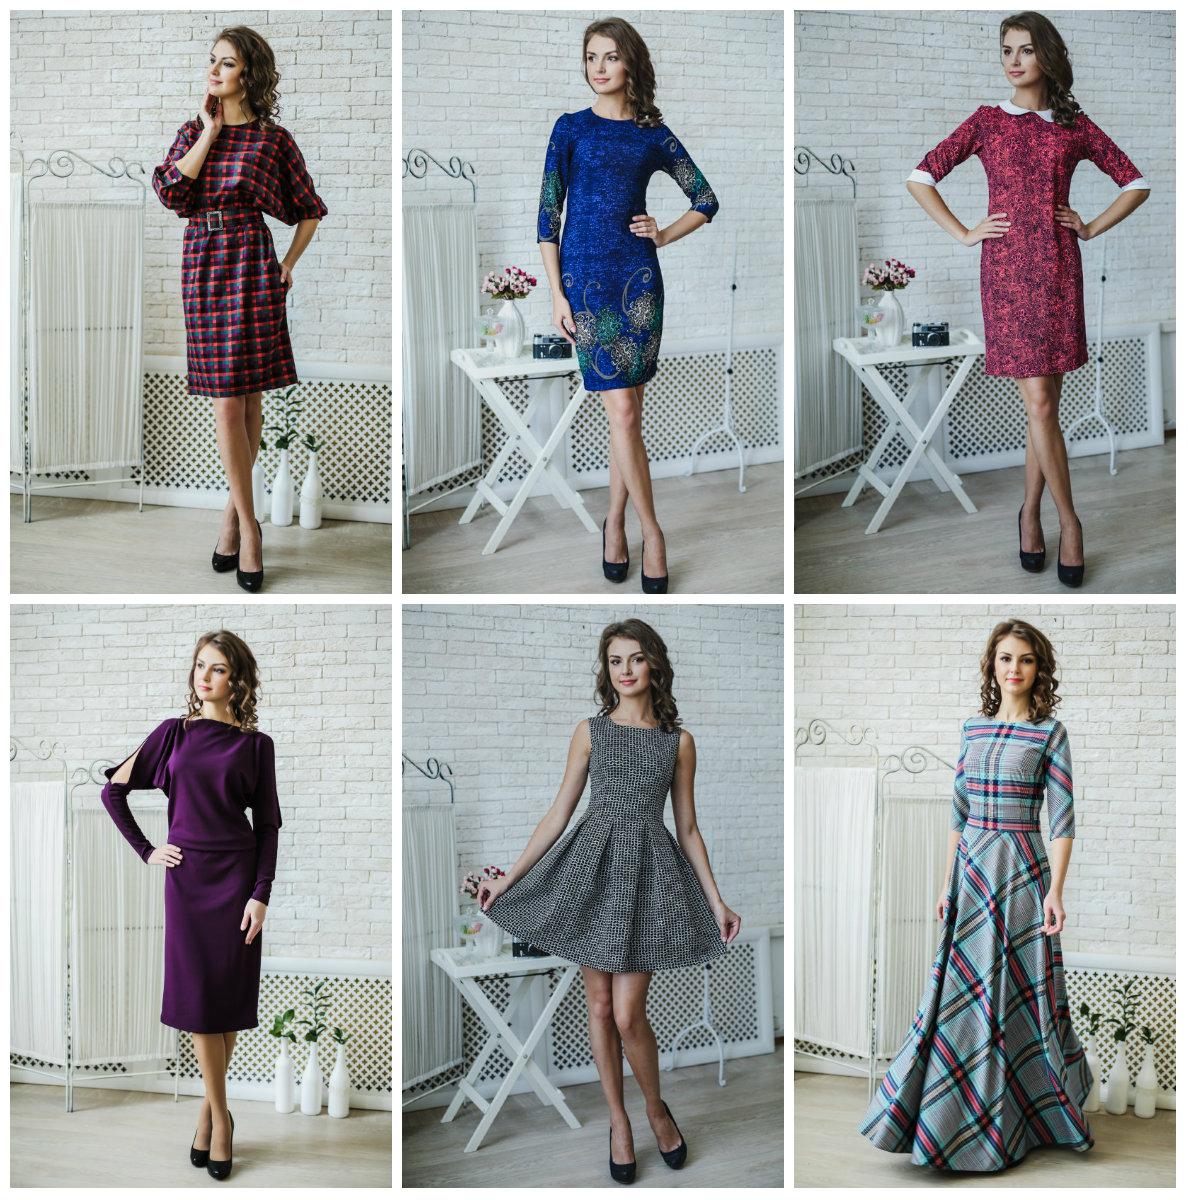 Сбор заказов. Look Russian - платье, которое просто обязано быть в твоем гардеробе! Яркий спектр красок, стиль и качество в одной вещи! Очень вкусные цены + Распродажа от 500 руб! Без рядов. Снова новинки. Выкуп 5